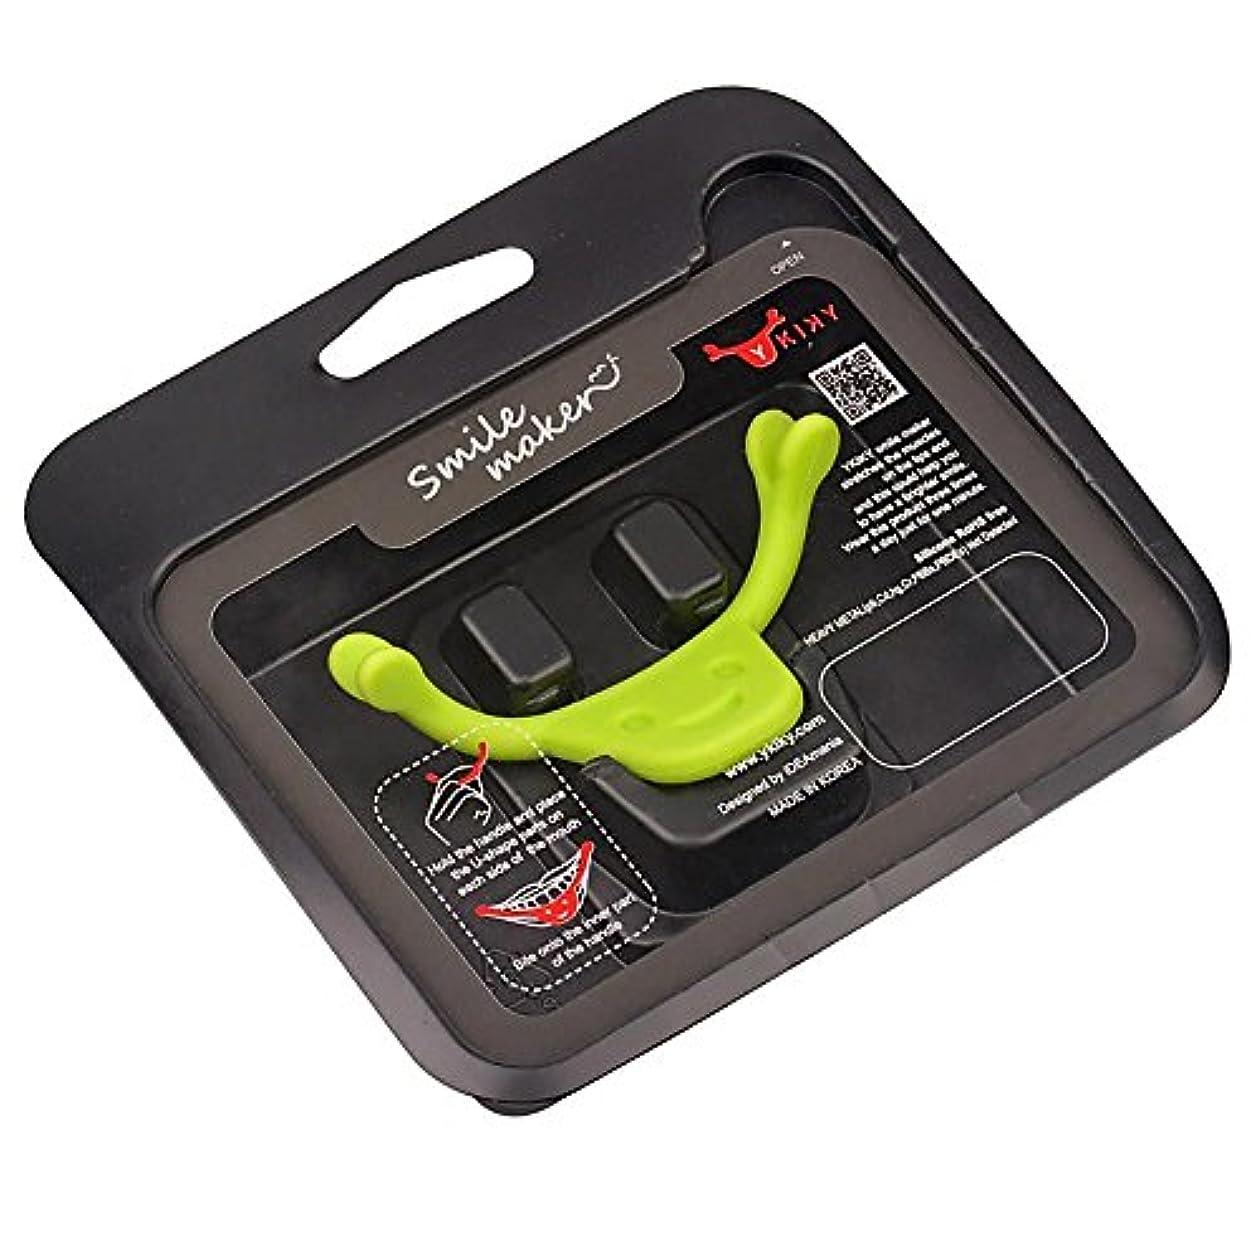 維持キャップ慎重に口のチーク筋肉ブレーストレーニング フェイスパーソナル 笑顔メーカー スマイル修正 グリーン 2pcs